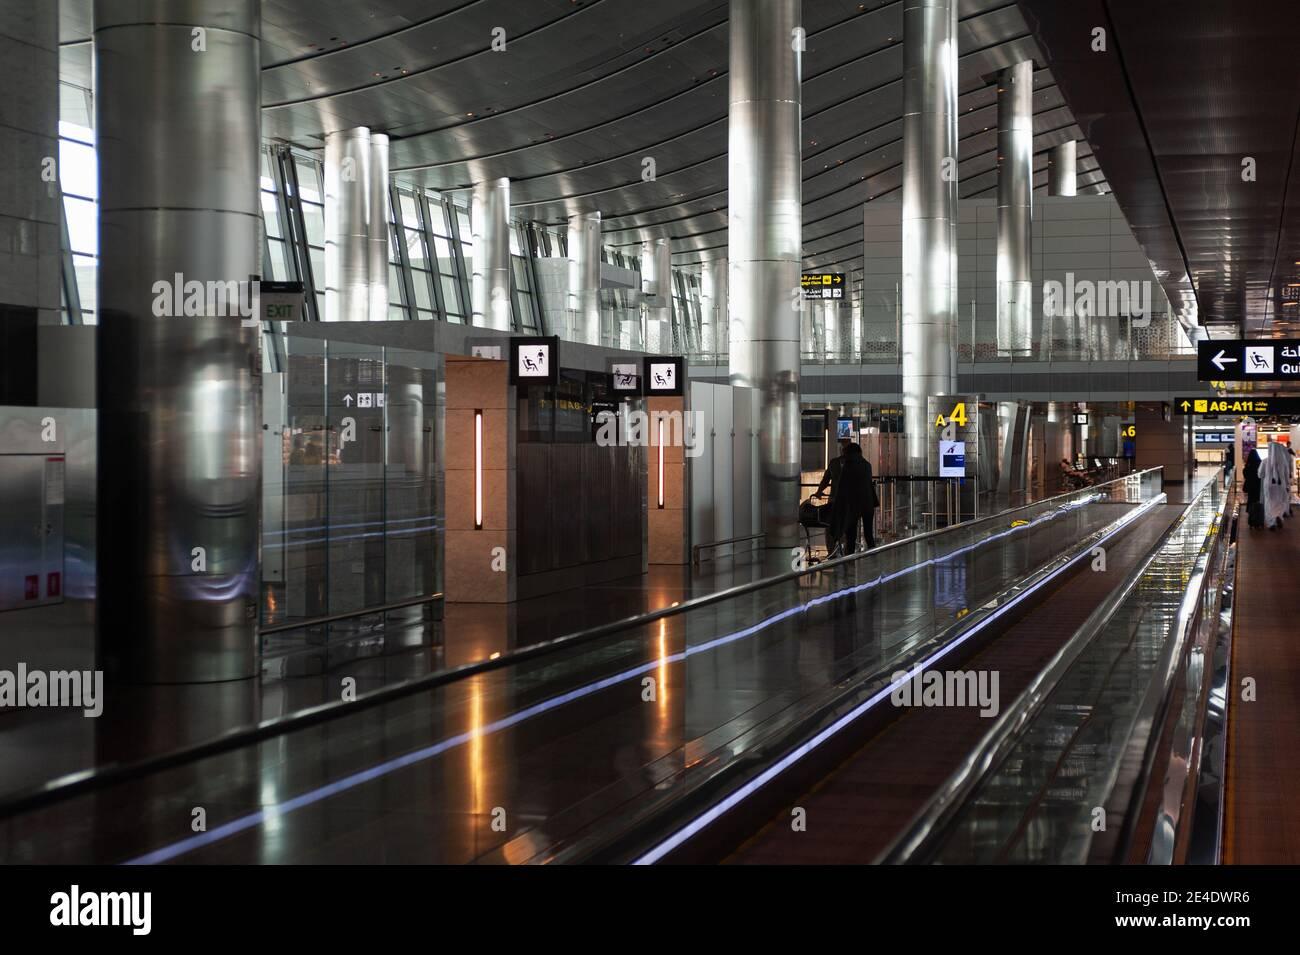 05.06.2019, Doha, Qatar, Asie - vue intérieure du nouveau terminal de l'aéroport international de Hamad. Banque D'Images